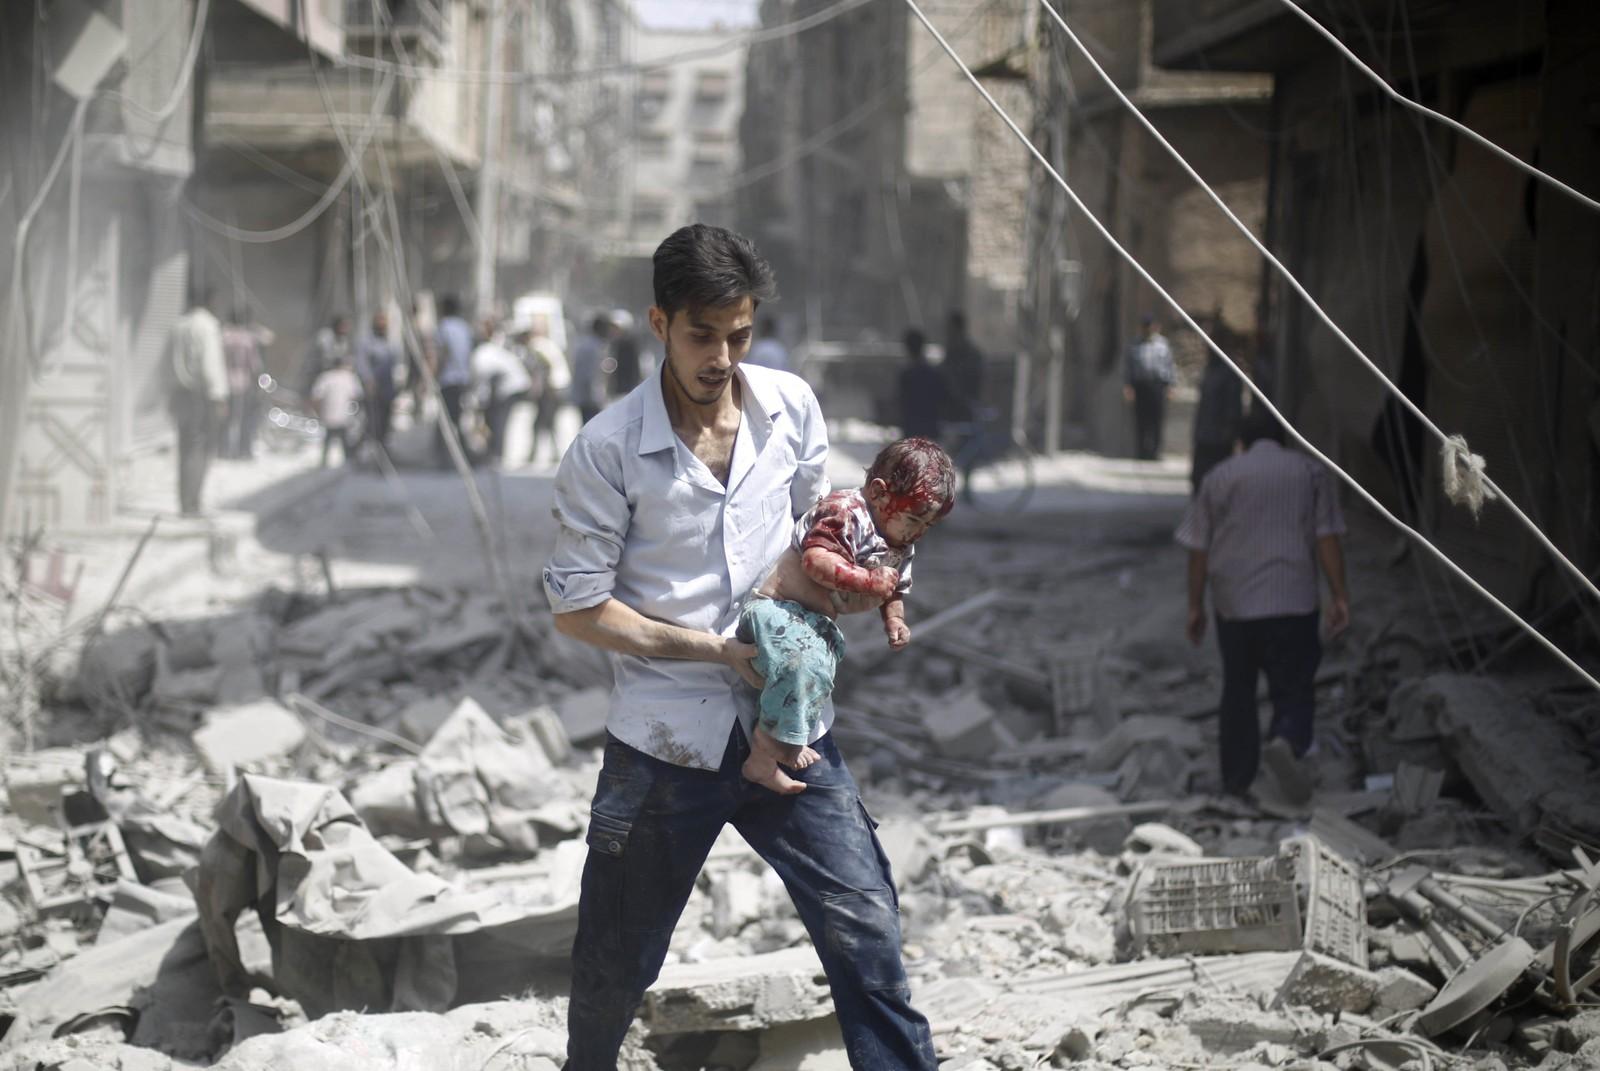 Mer enn 240.000 skal ha blitt drept siden 2011 i Syria. En far bærer her det skadde barnet sitt etter et bombeangrep på byen Douma for noen dager siden.